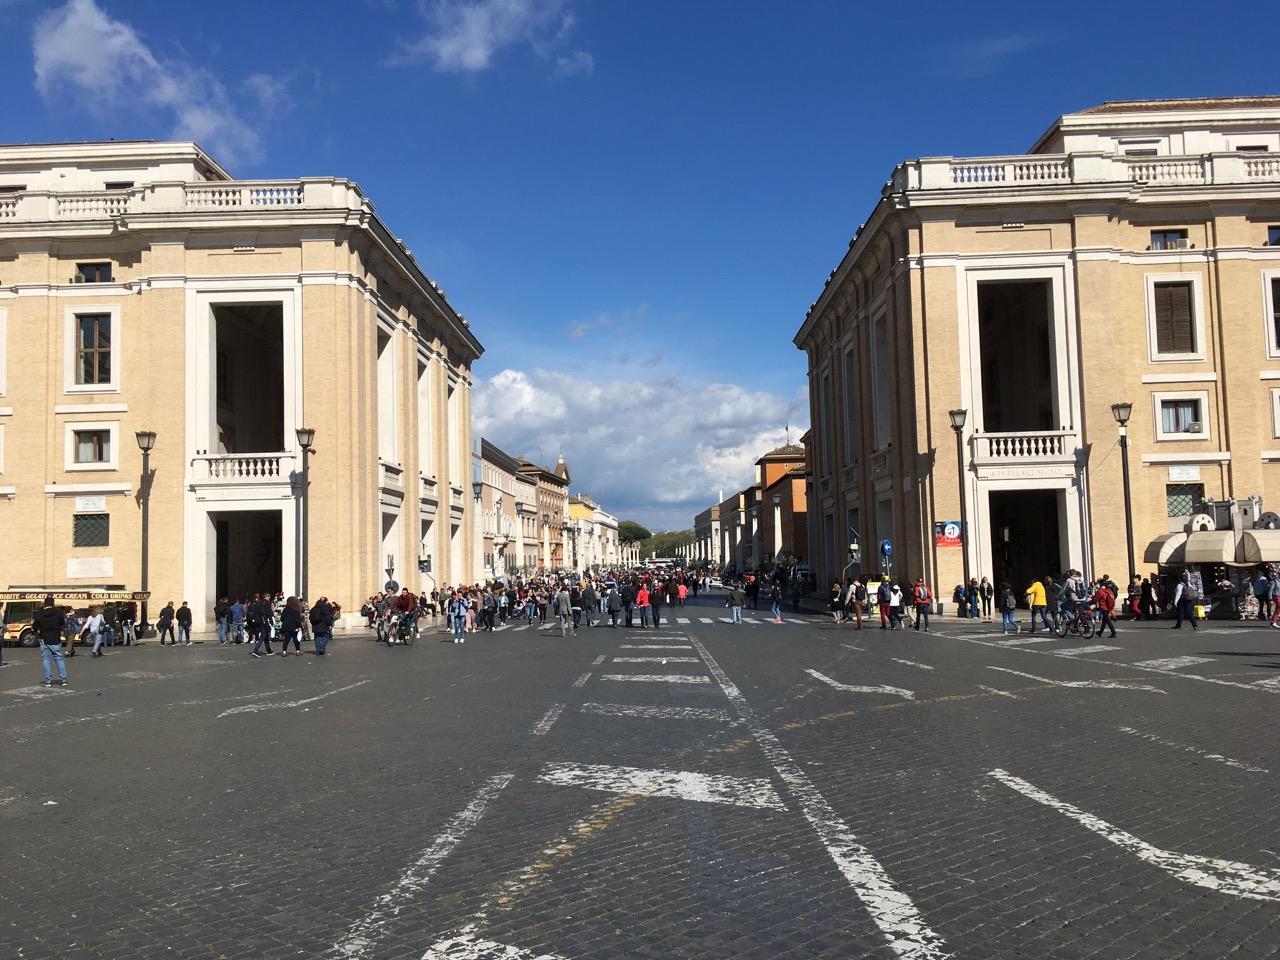 站在圣彼得广场,这条路一直通向圣天使城堡